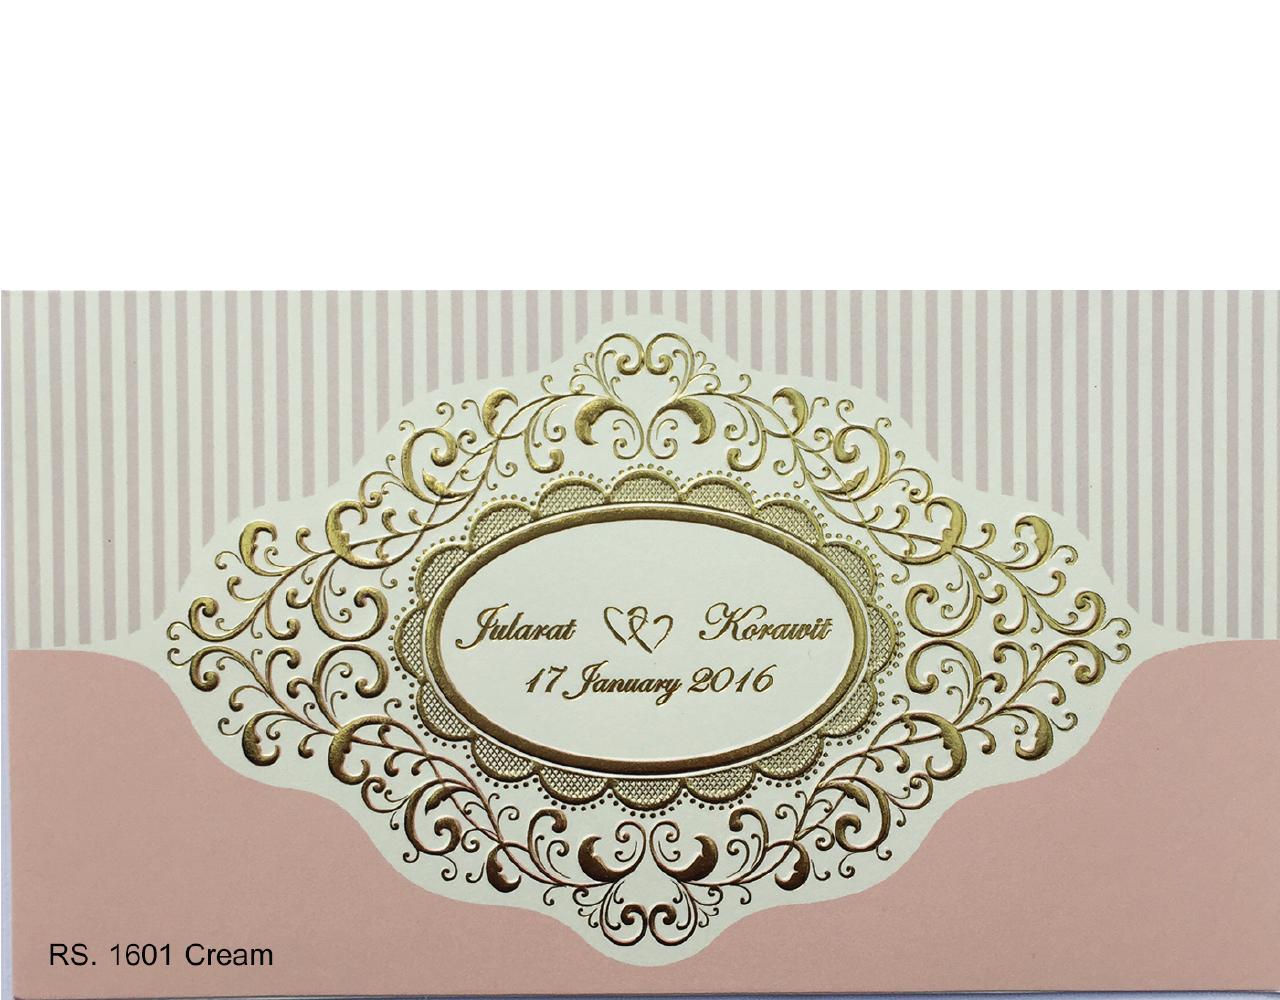 การ์ดแต่งงาน การ์ดเชิญแต่งงาน ราคาถูกๆ สีชมพู ลวดลายปั๊มนูน การ์ดแต่งงาน wedding card 4x7.5 inch RS.1601